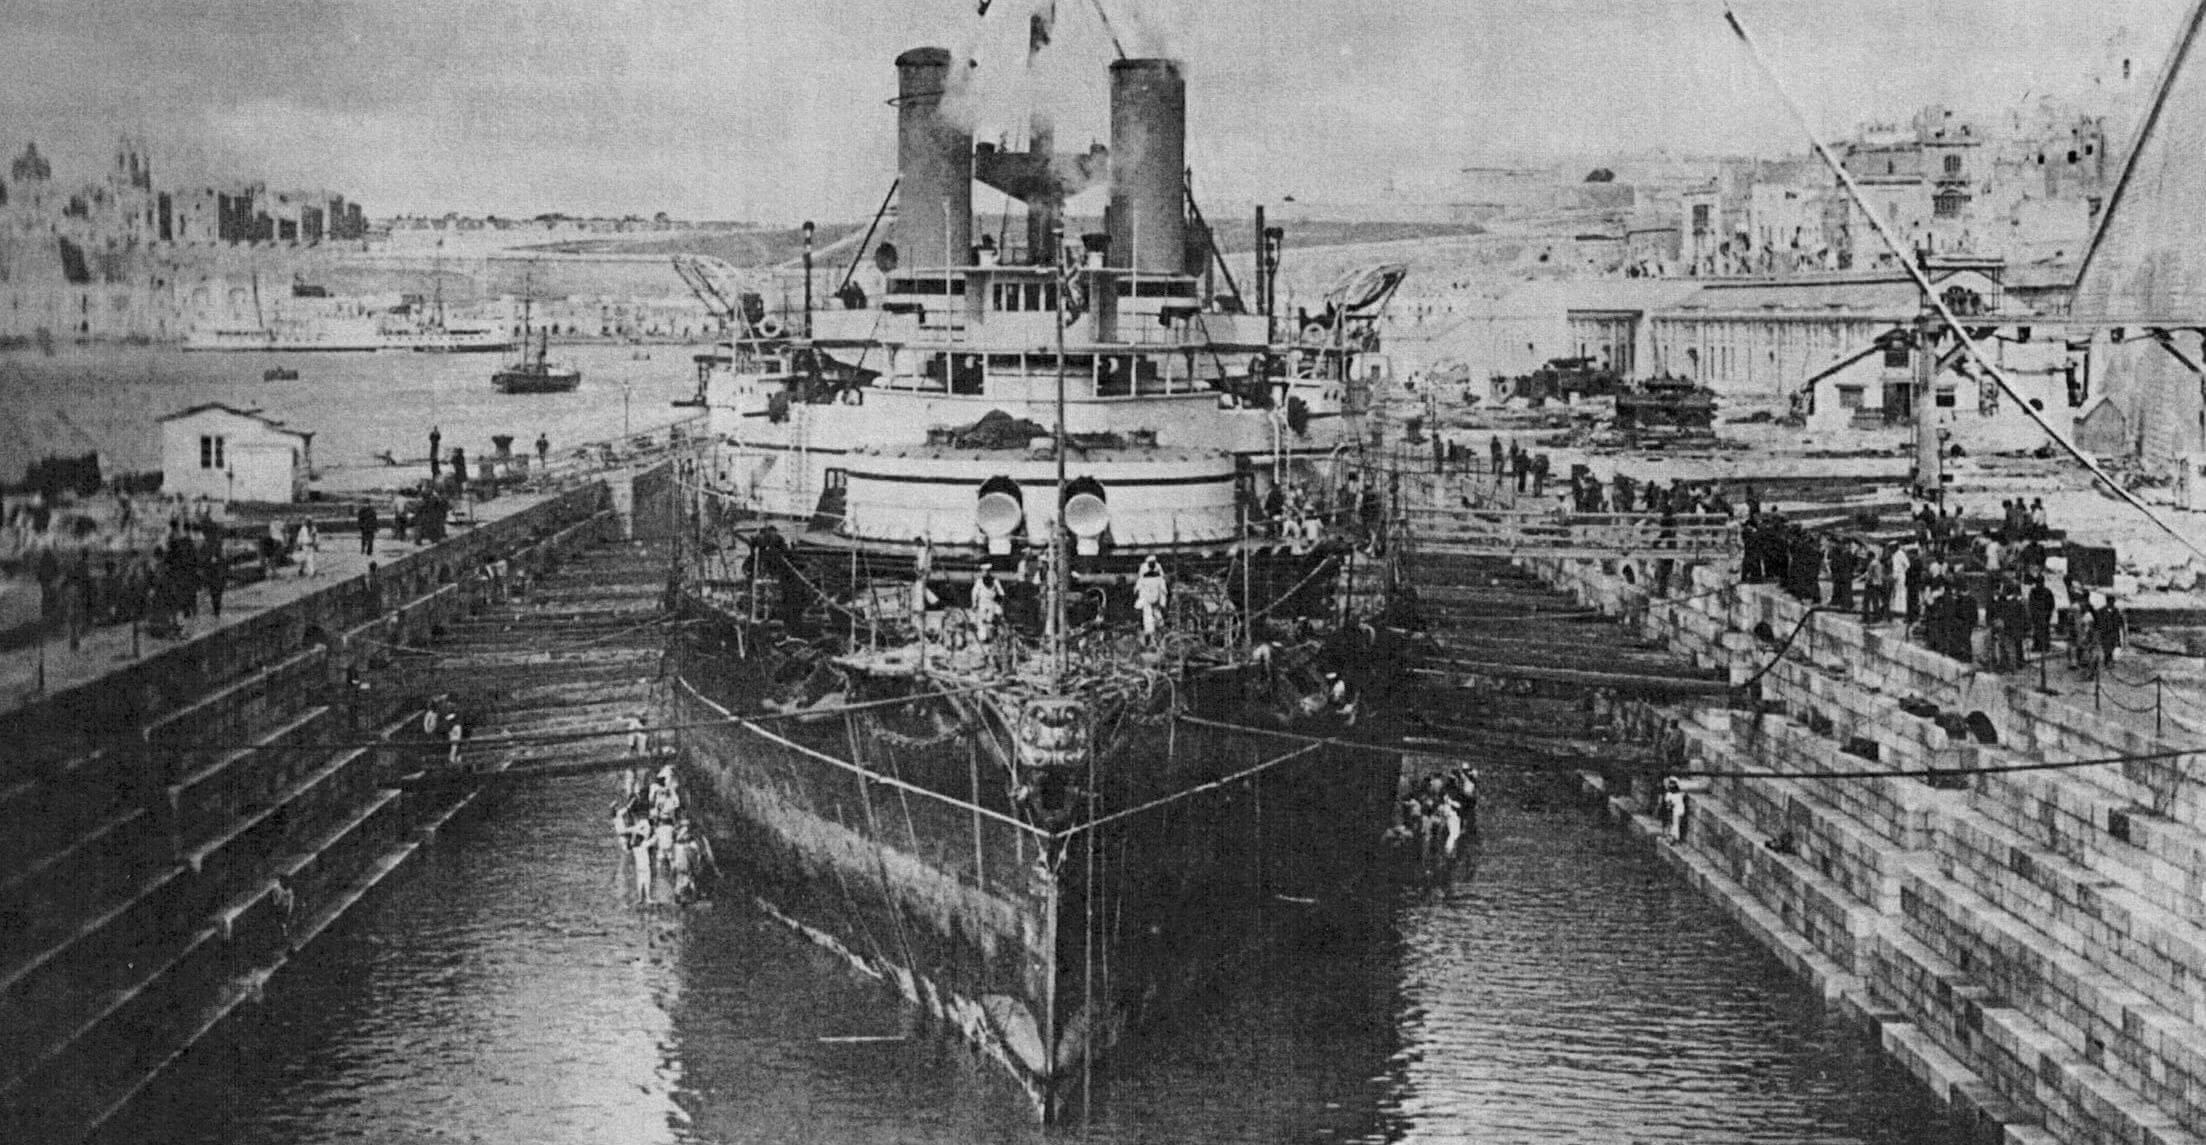 Постановка броненосца «Виктория» в док Гамильтона, 12 февраля 1892 г.